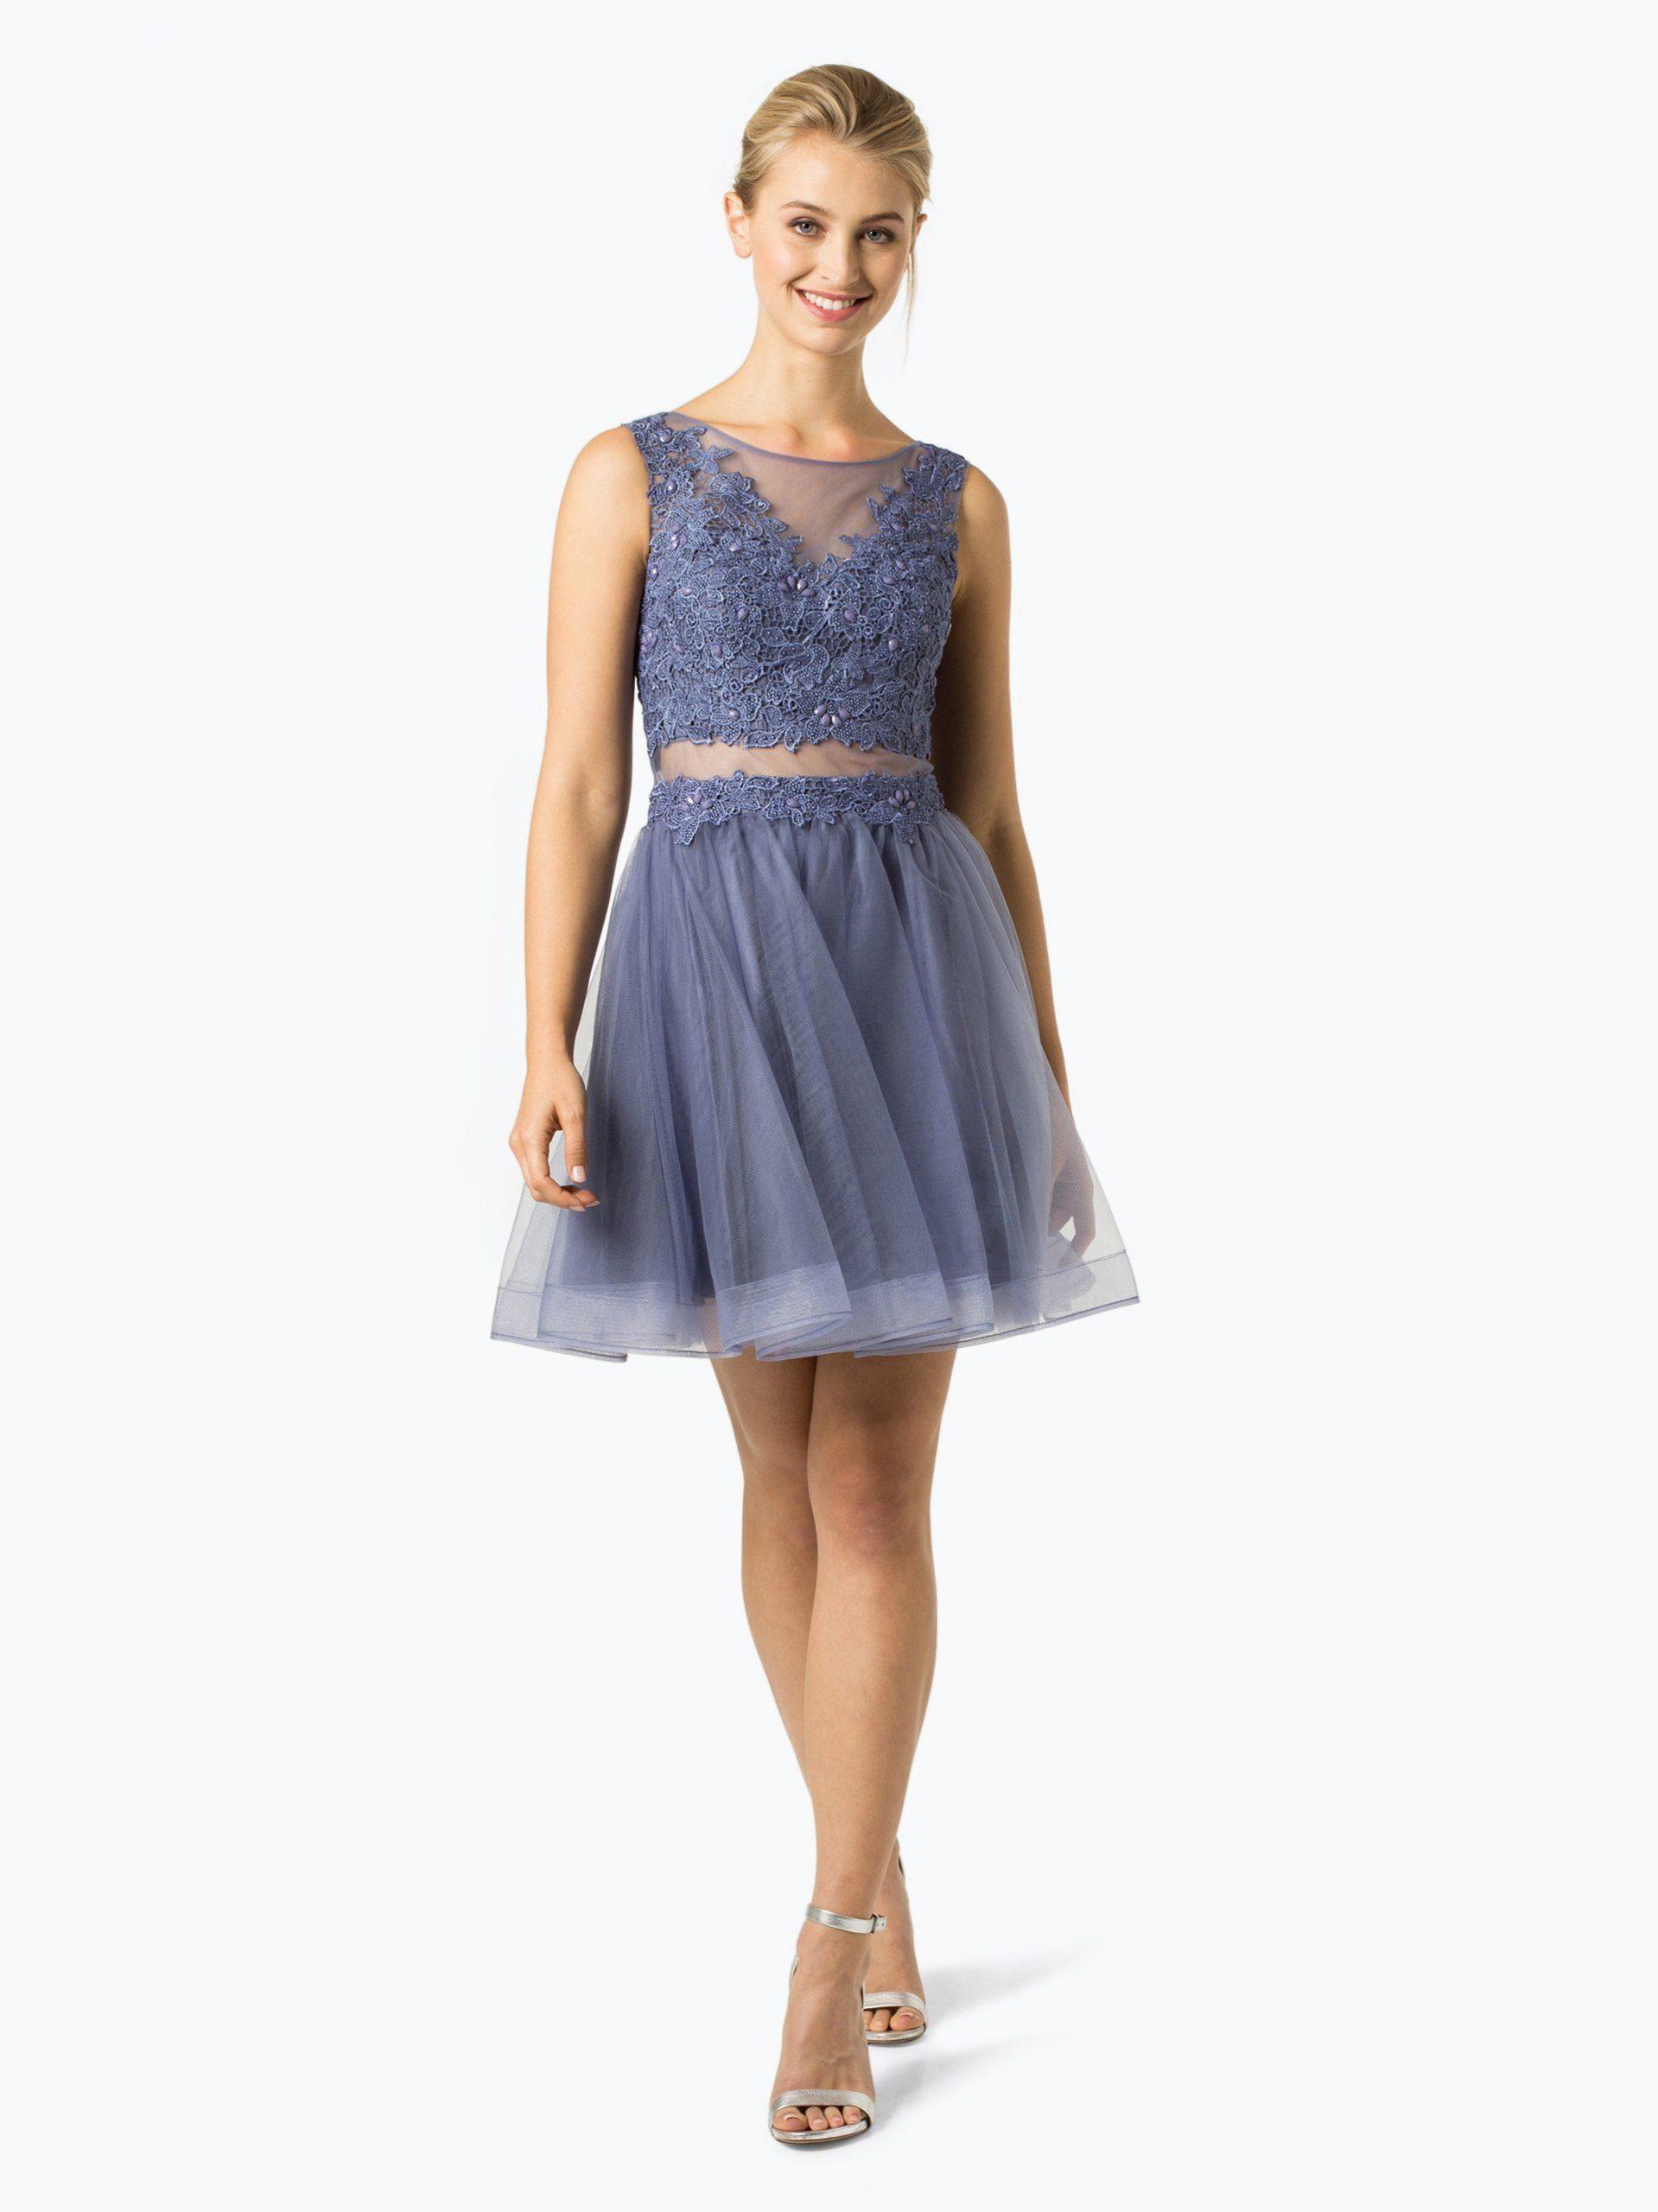 Designer Spektakulär Henna Abend Kurzes Kleid Gast Stylish20 Genial Henna Abend Kurzes Kleid Gast Galerie